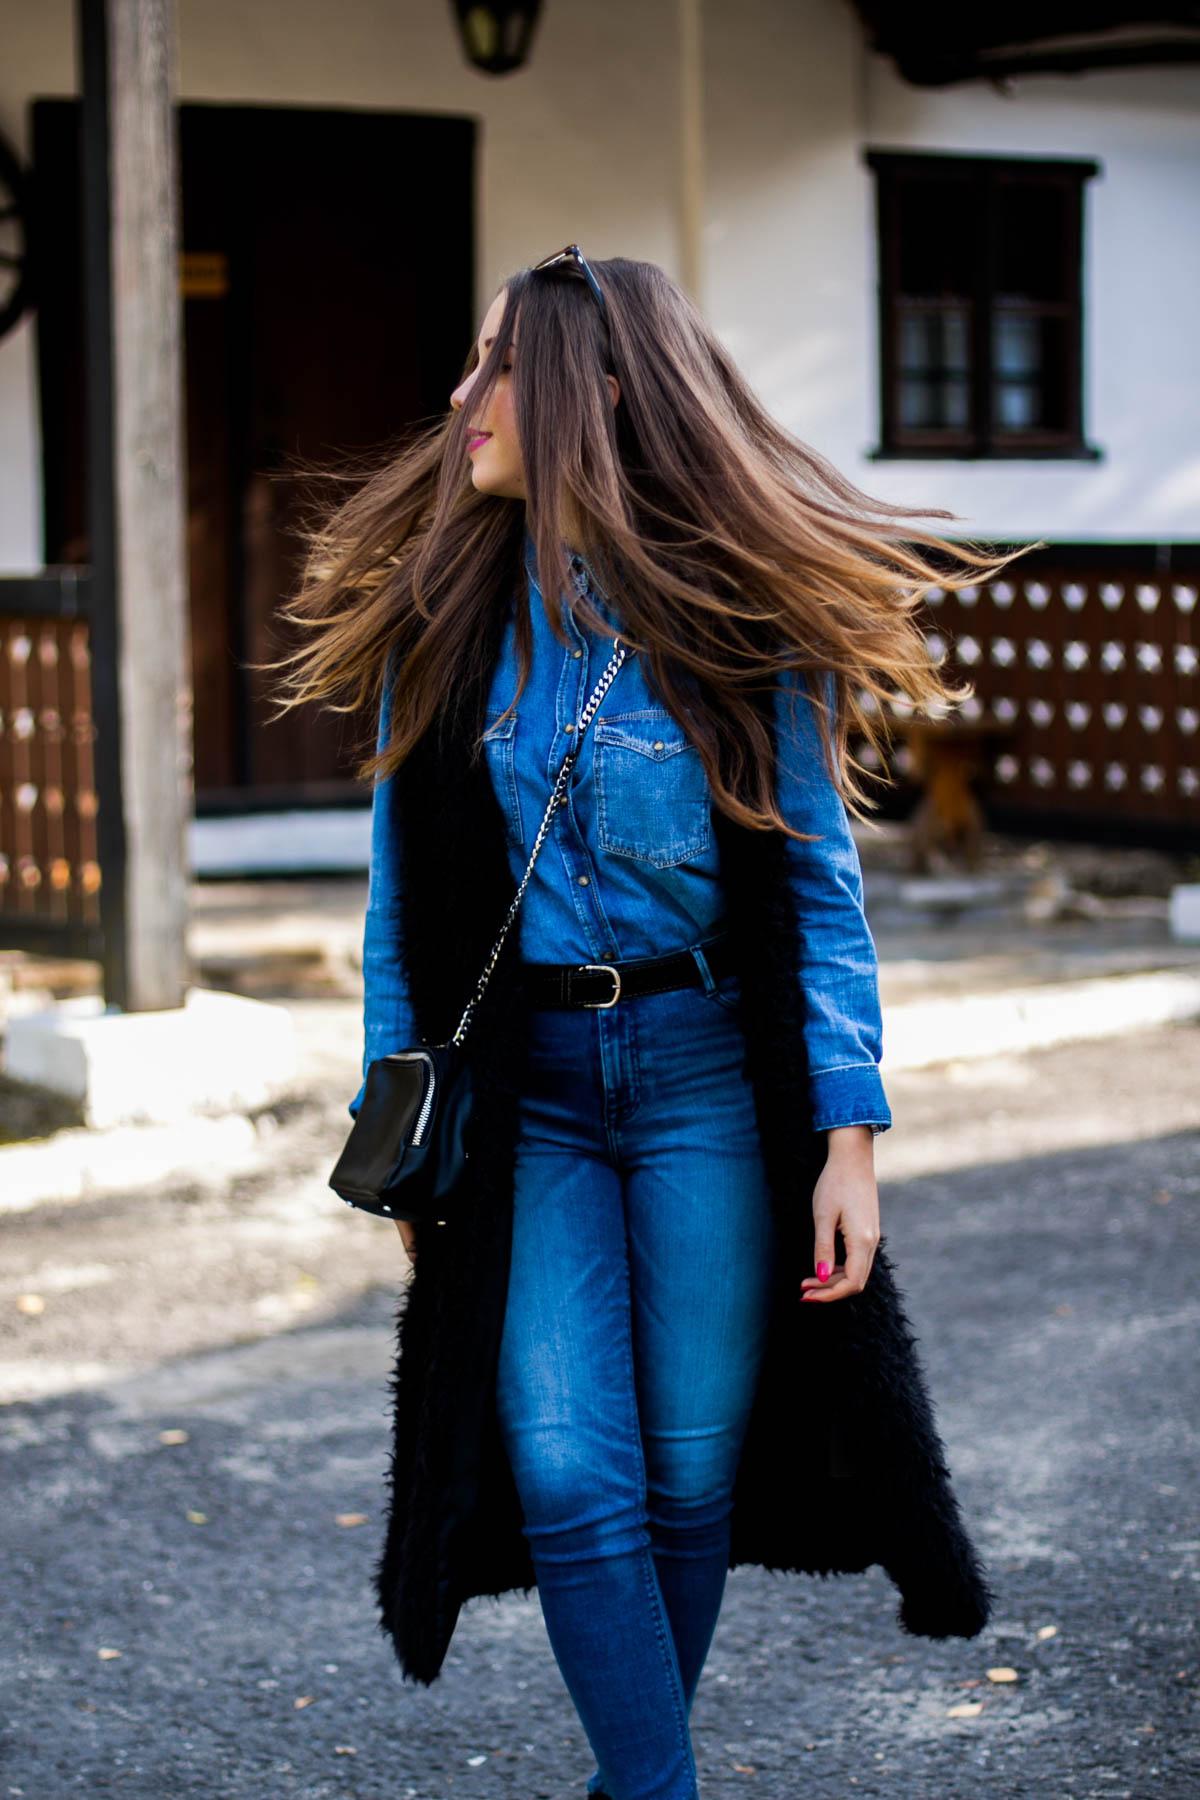 Jeansowa stylizacja z koszulą i jeansami